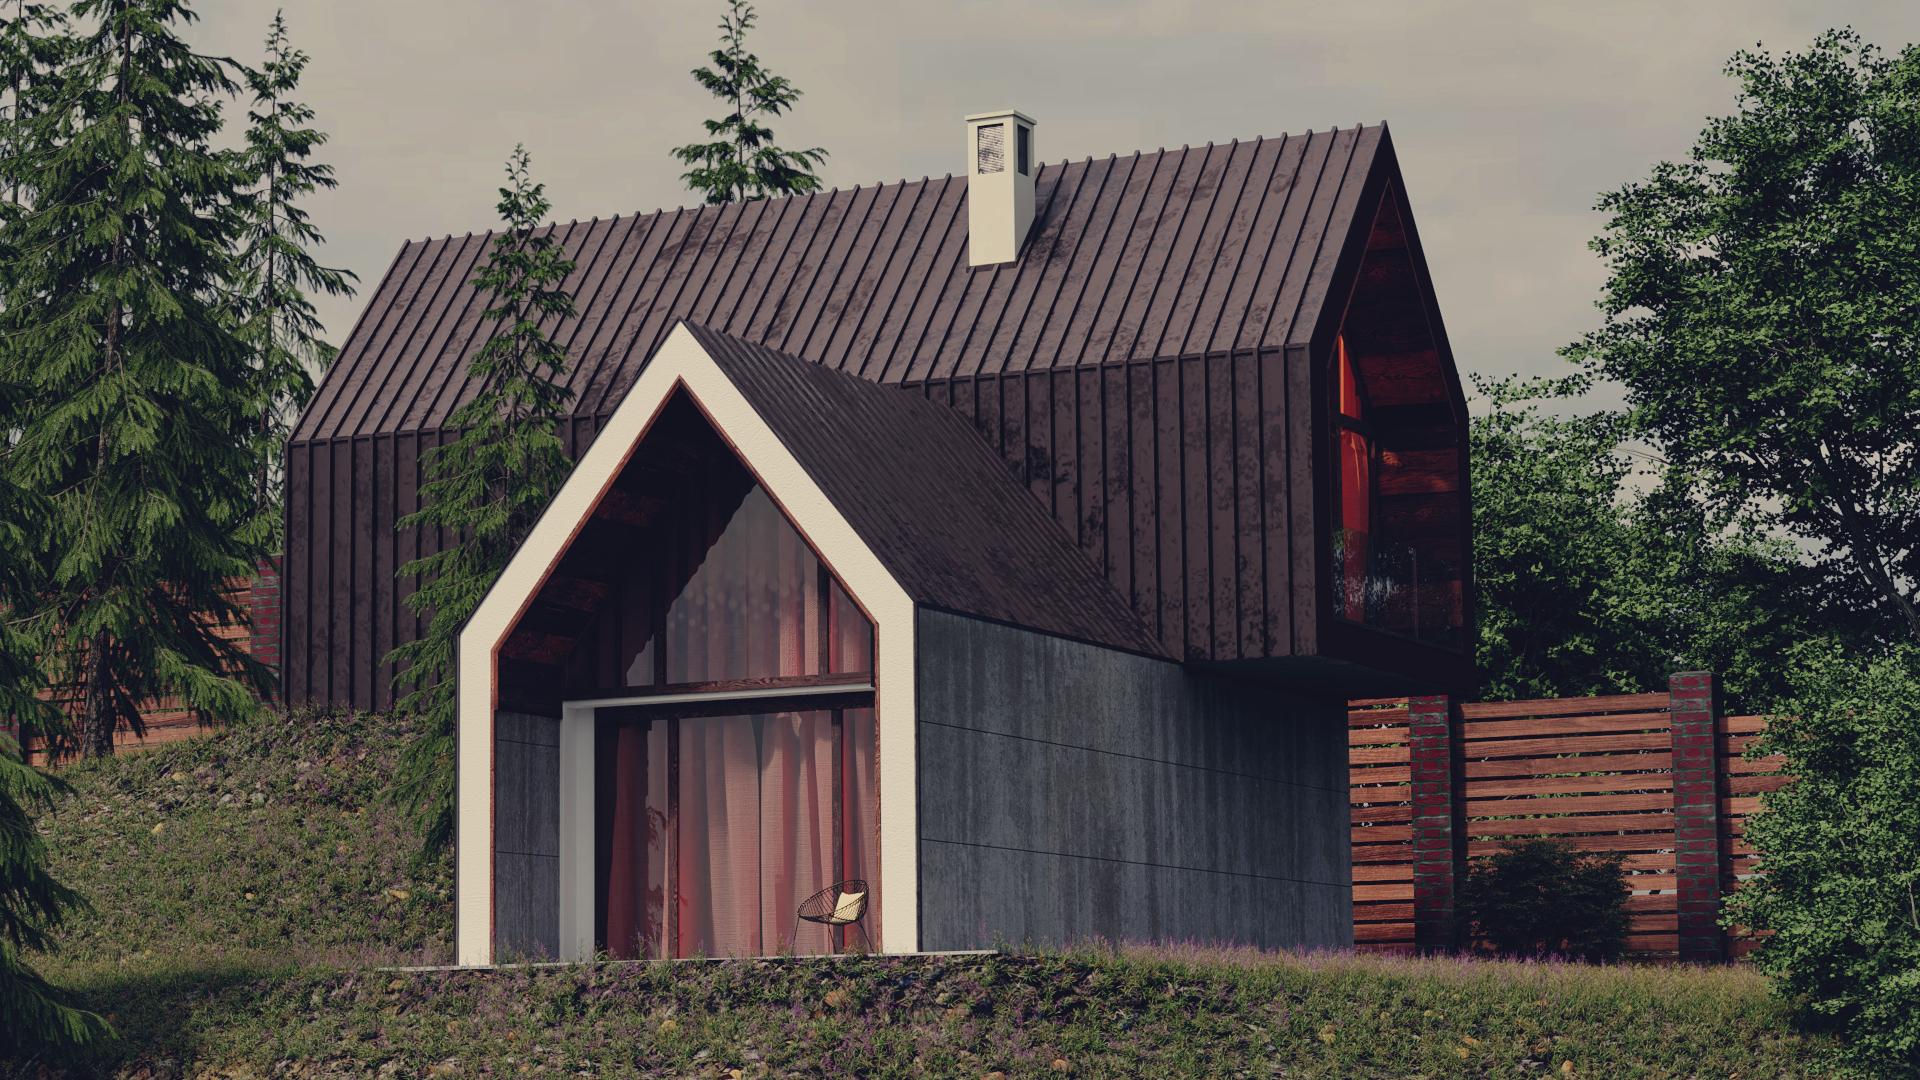 मकान Blender cycles render में प्रस्तुत छवि